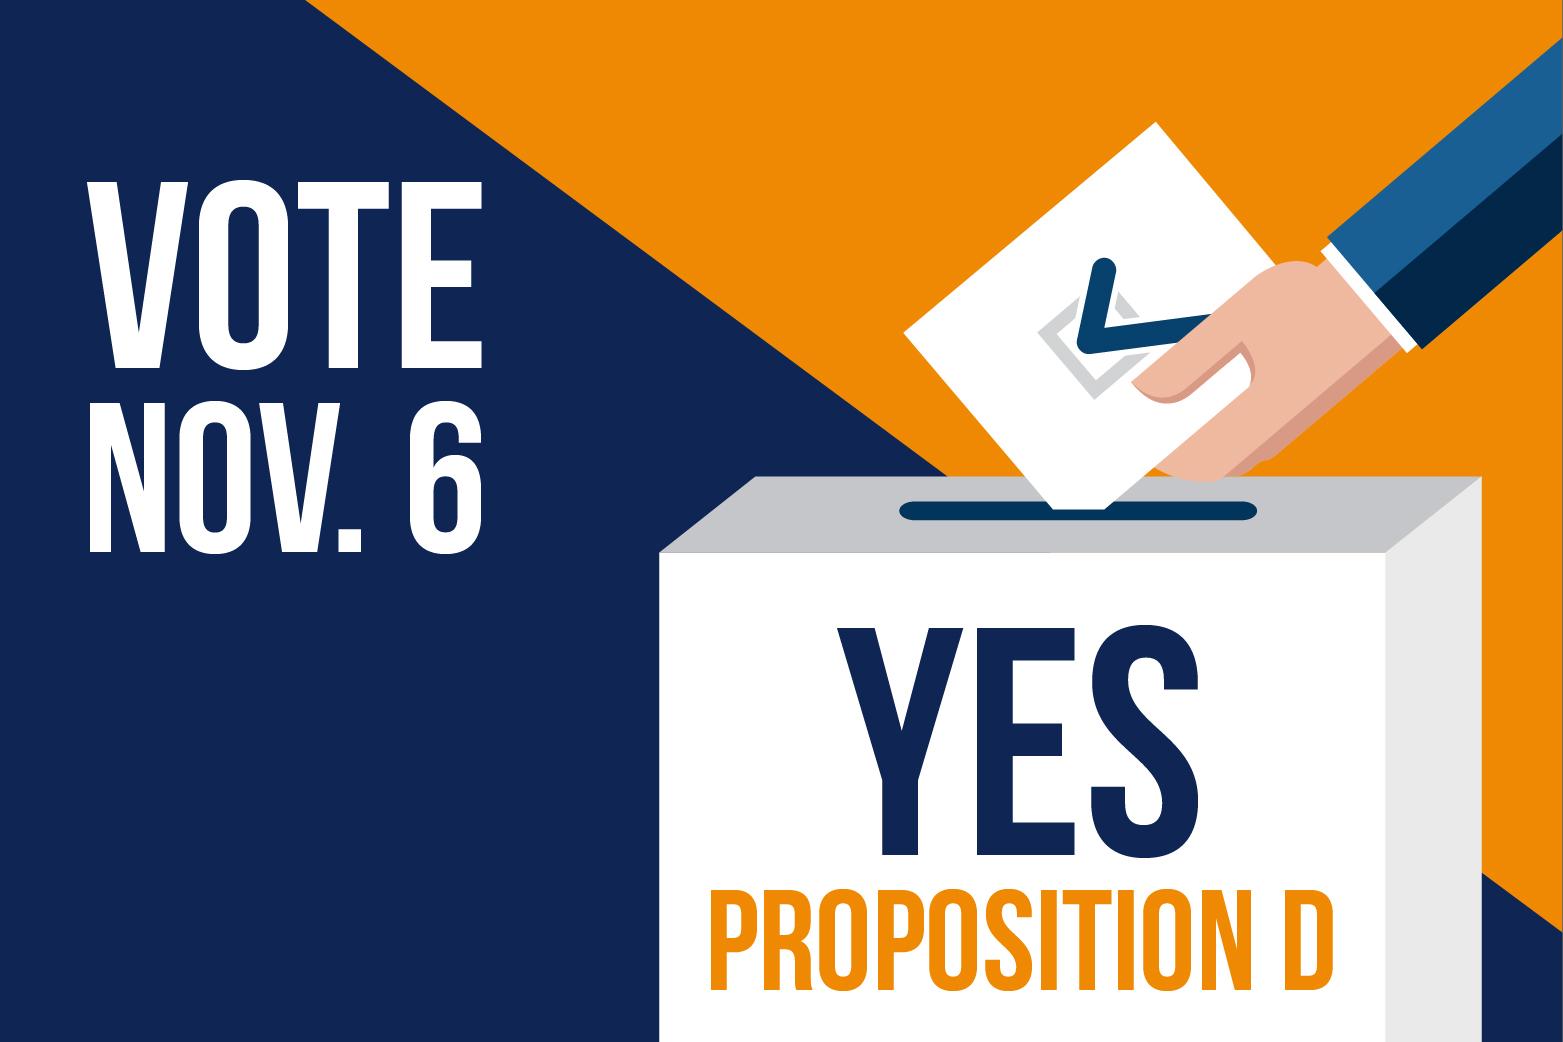 yba_vote_yes-02